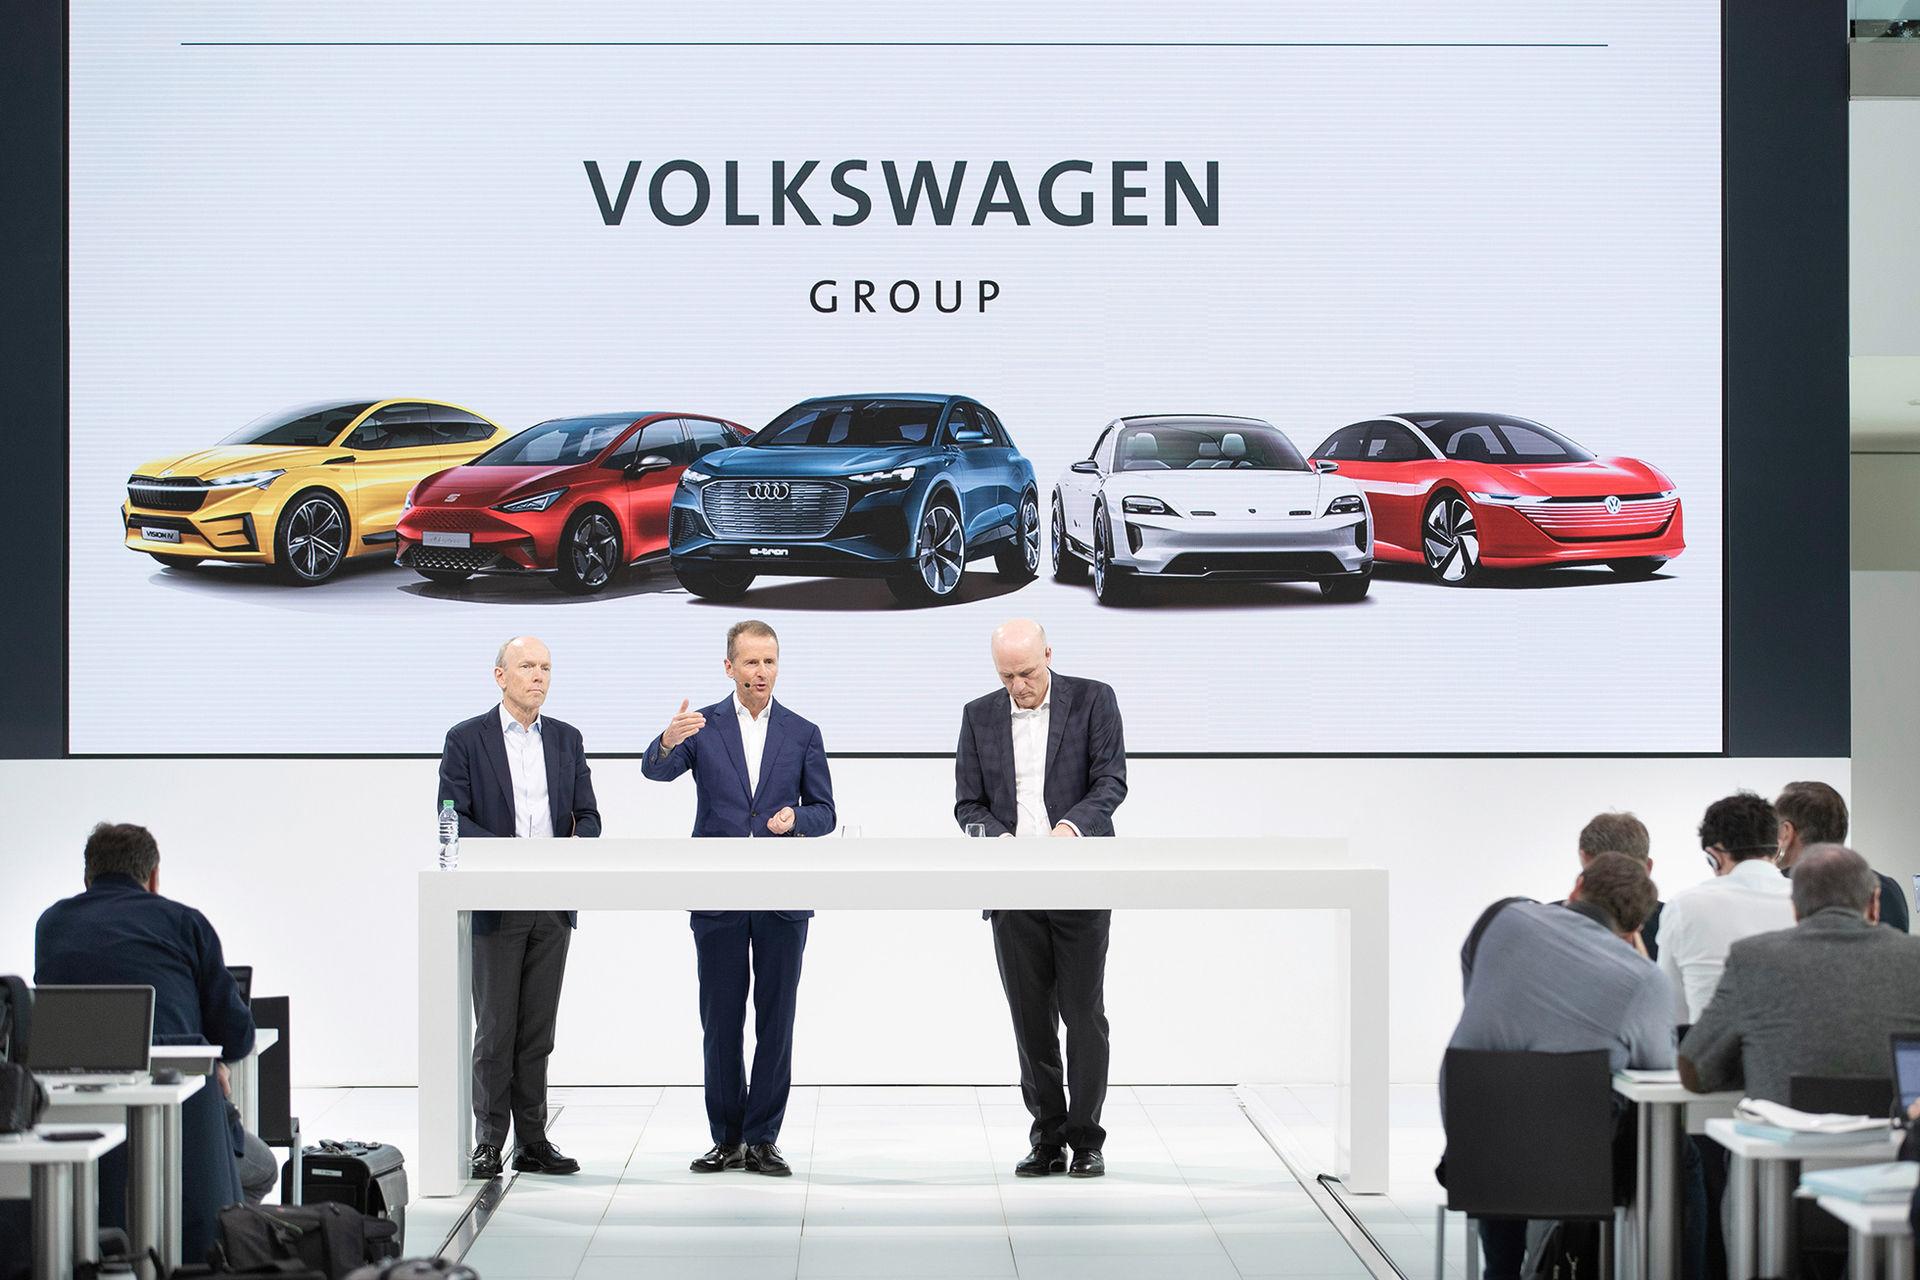 70 nya eldrivna modeller från Volkswagen-koncernen inom tio år